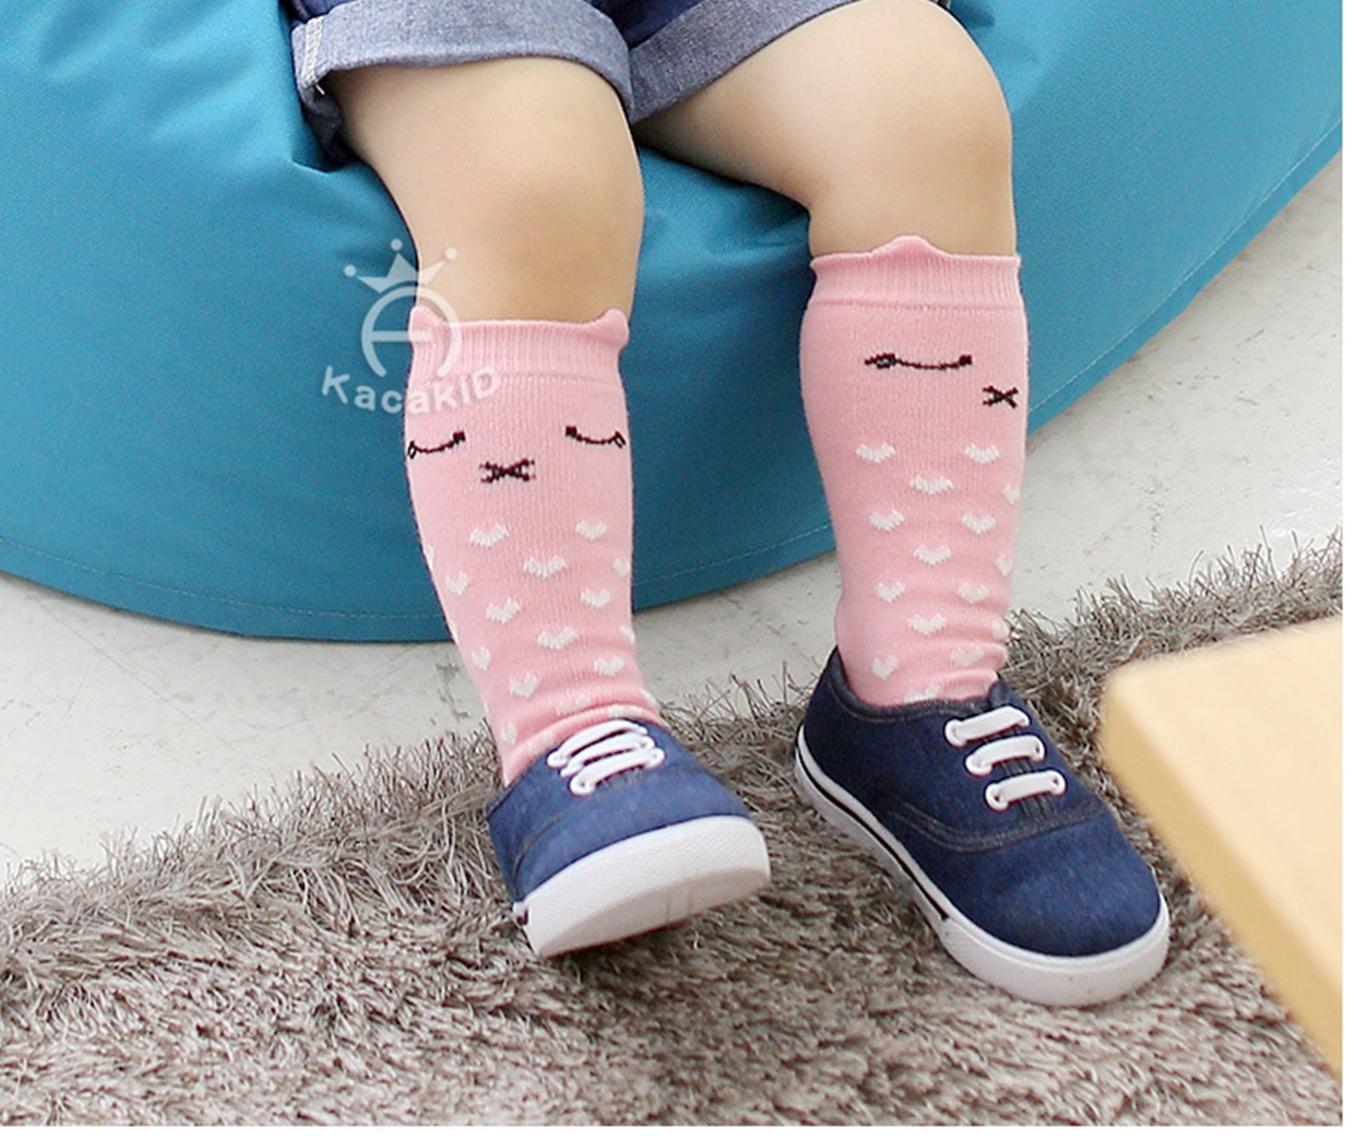 ถุงเท้าเด็กกันลื่น ไซส์ 10-12,12-14 ซม. MSH64